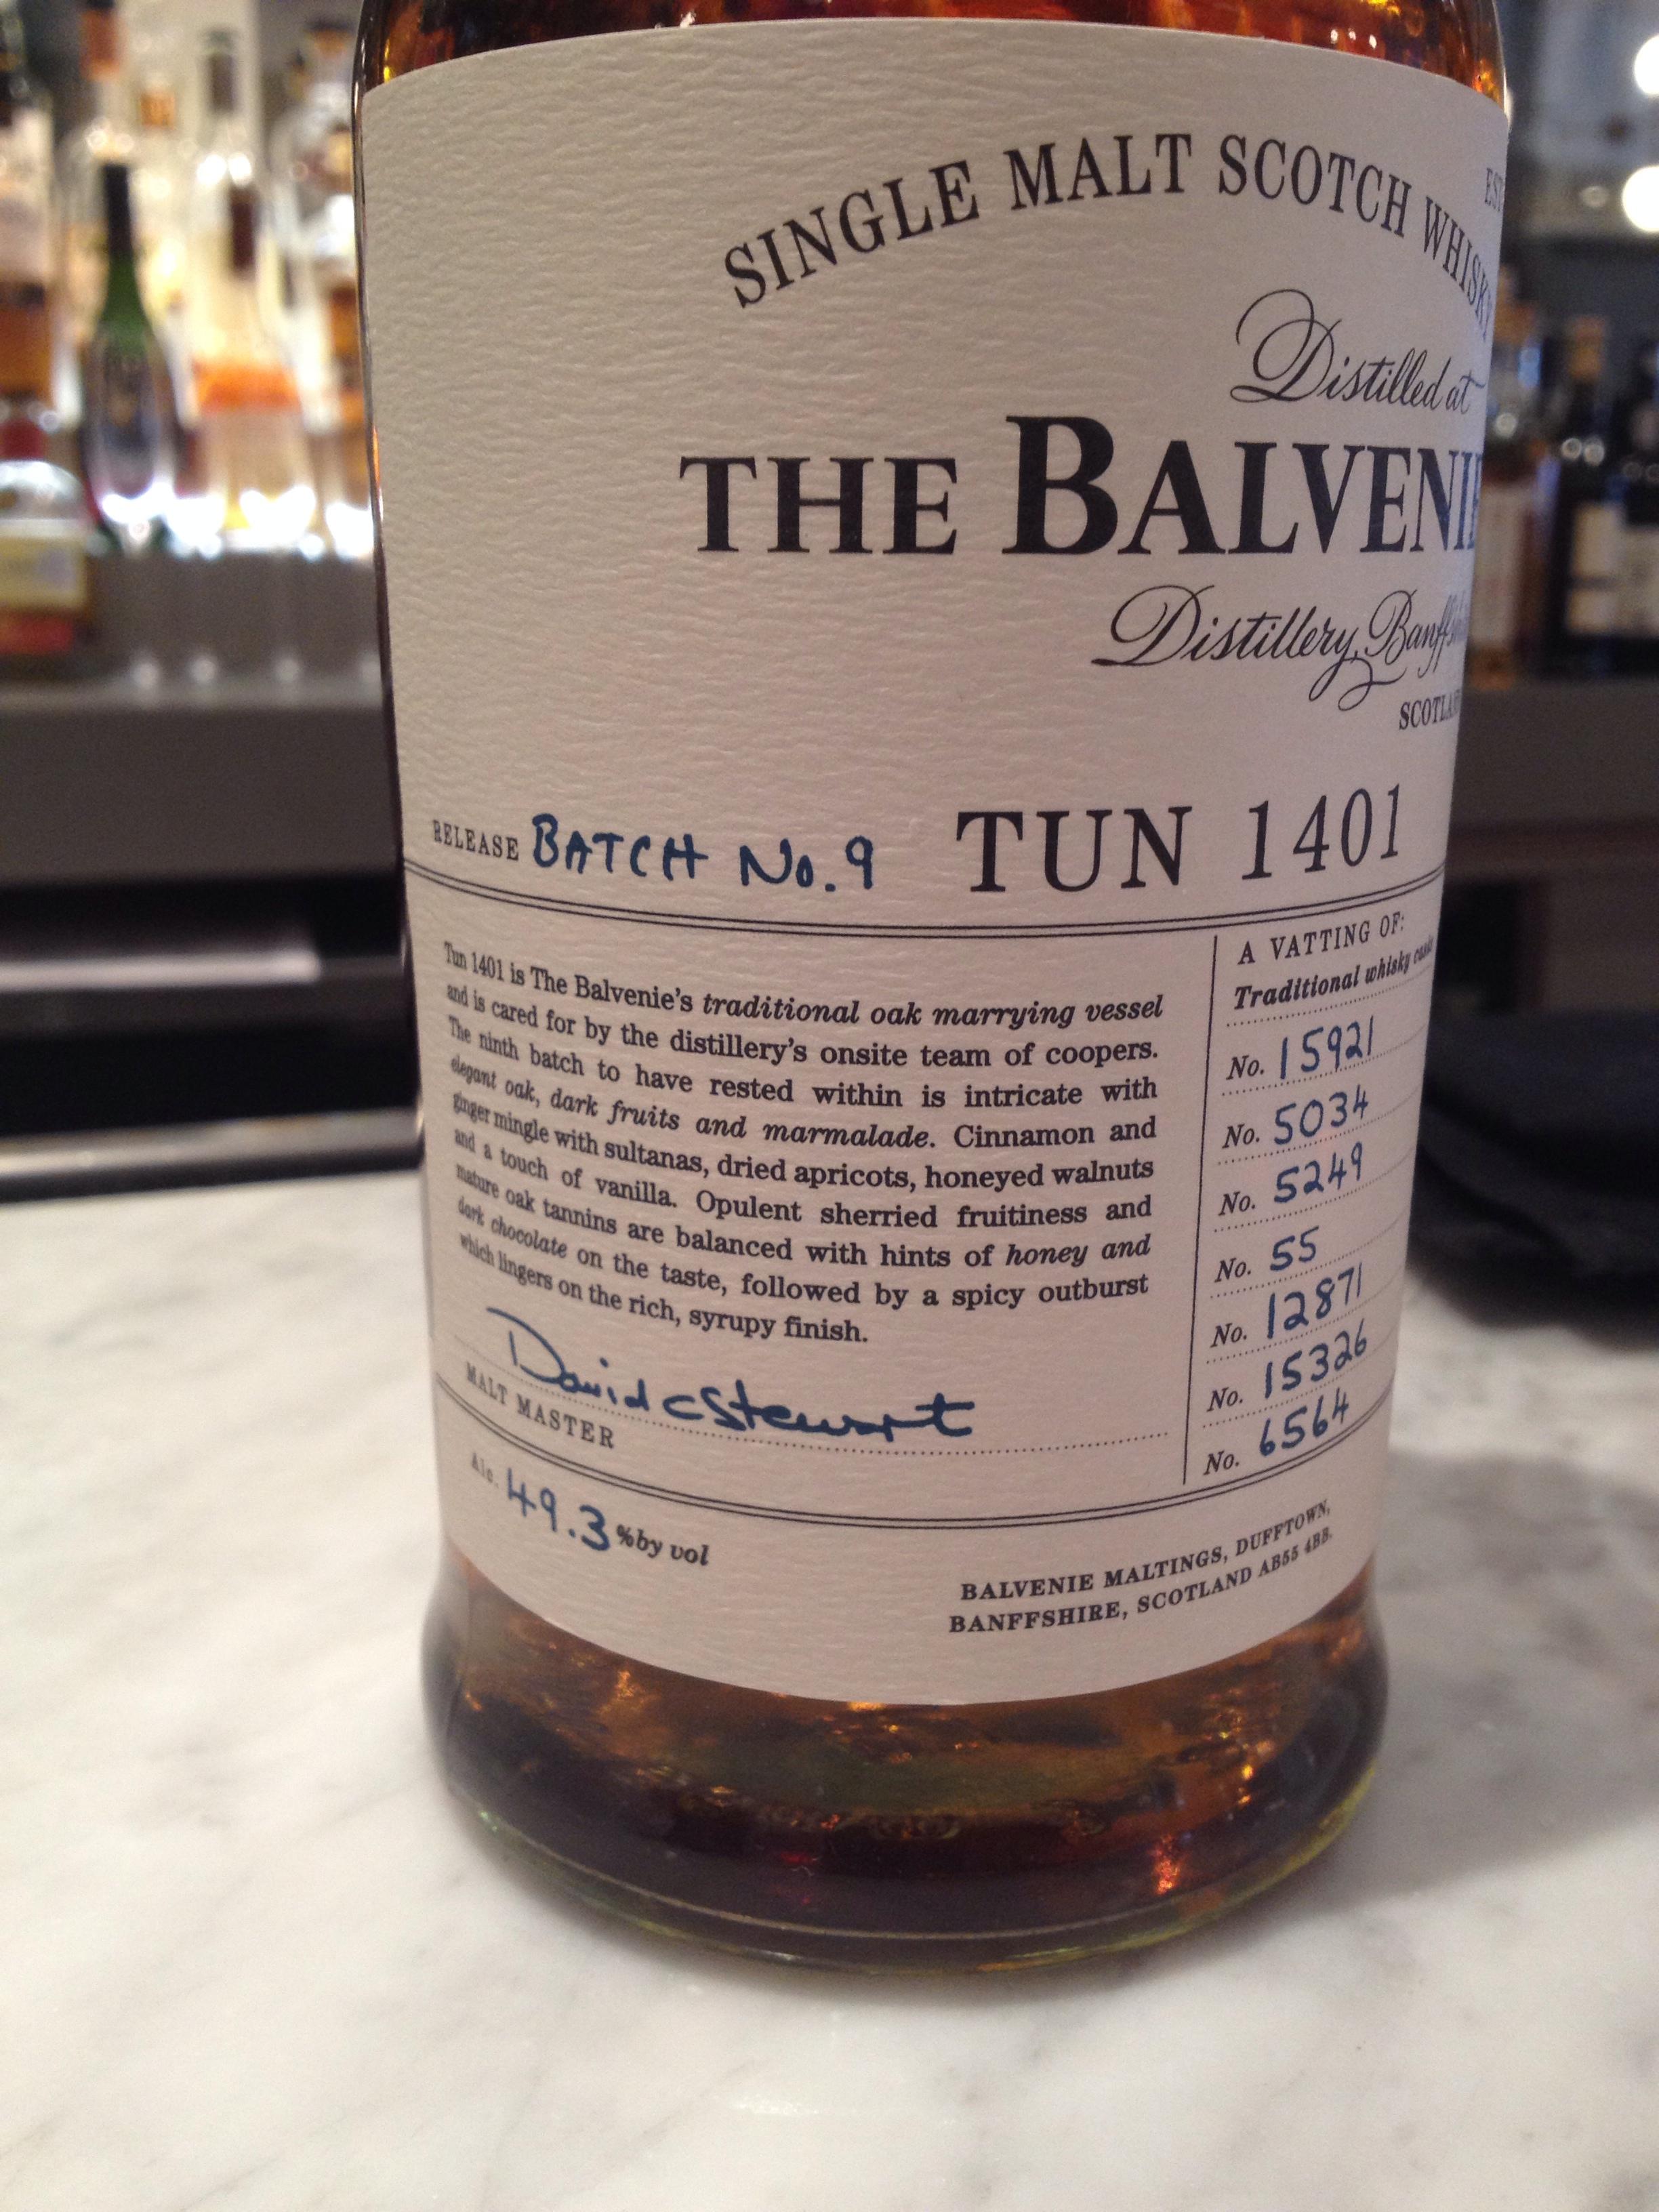 NAS | 49.3% ABV - Distillery | Balvenie